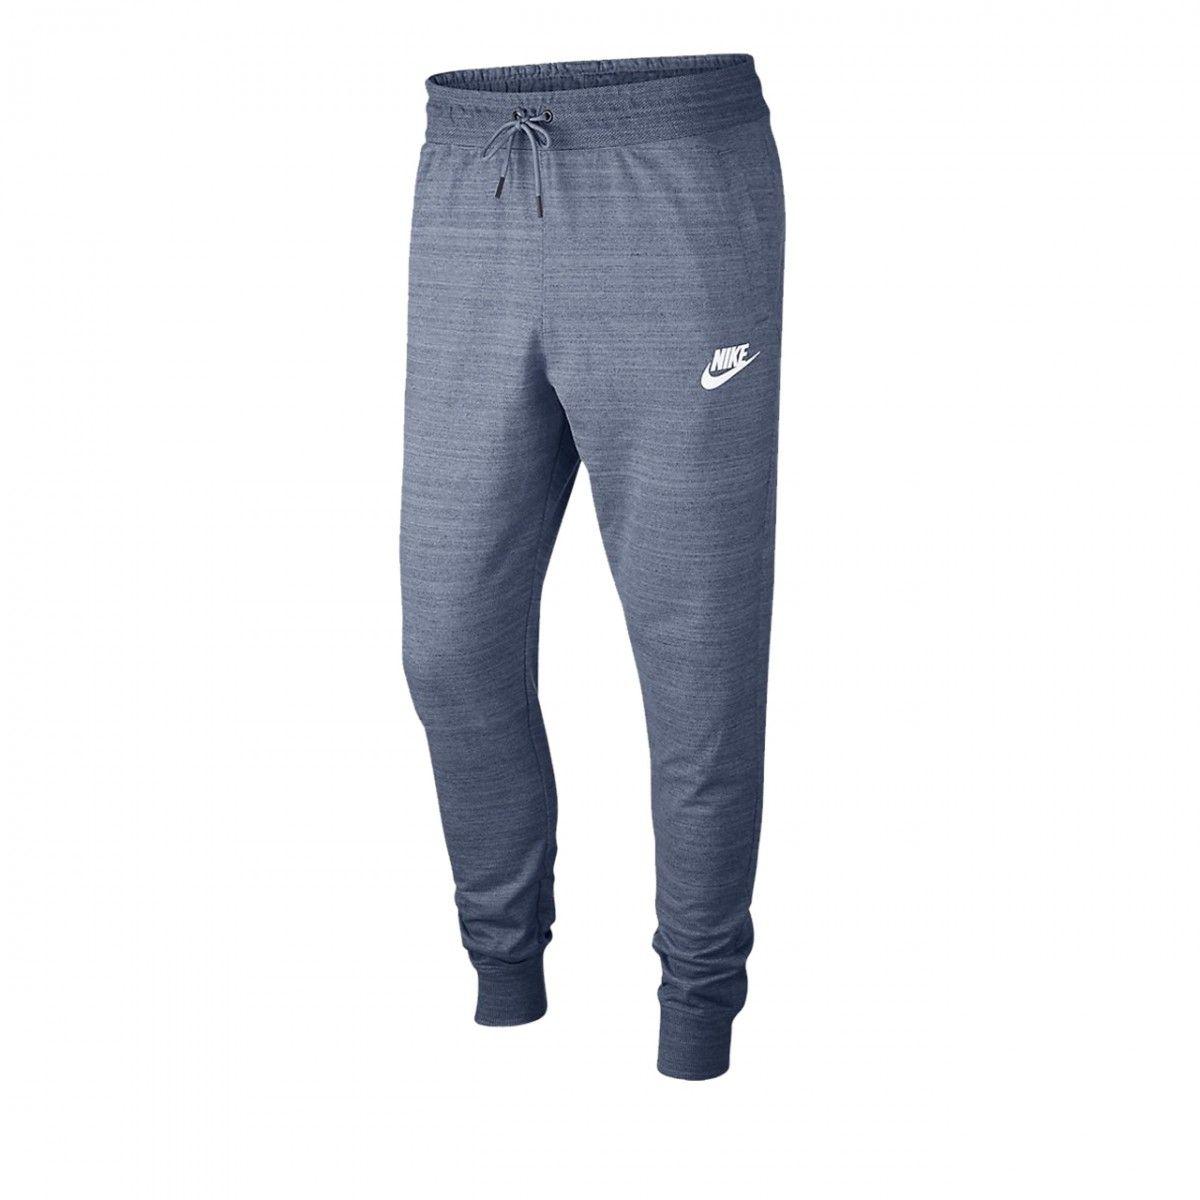 Pantalon de survêtement Nike Sportswear Advance 15 - AQ8393-445